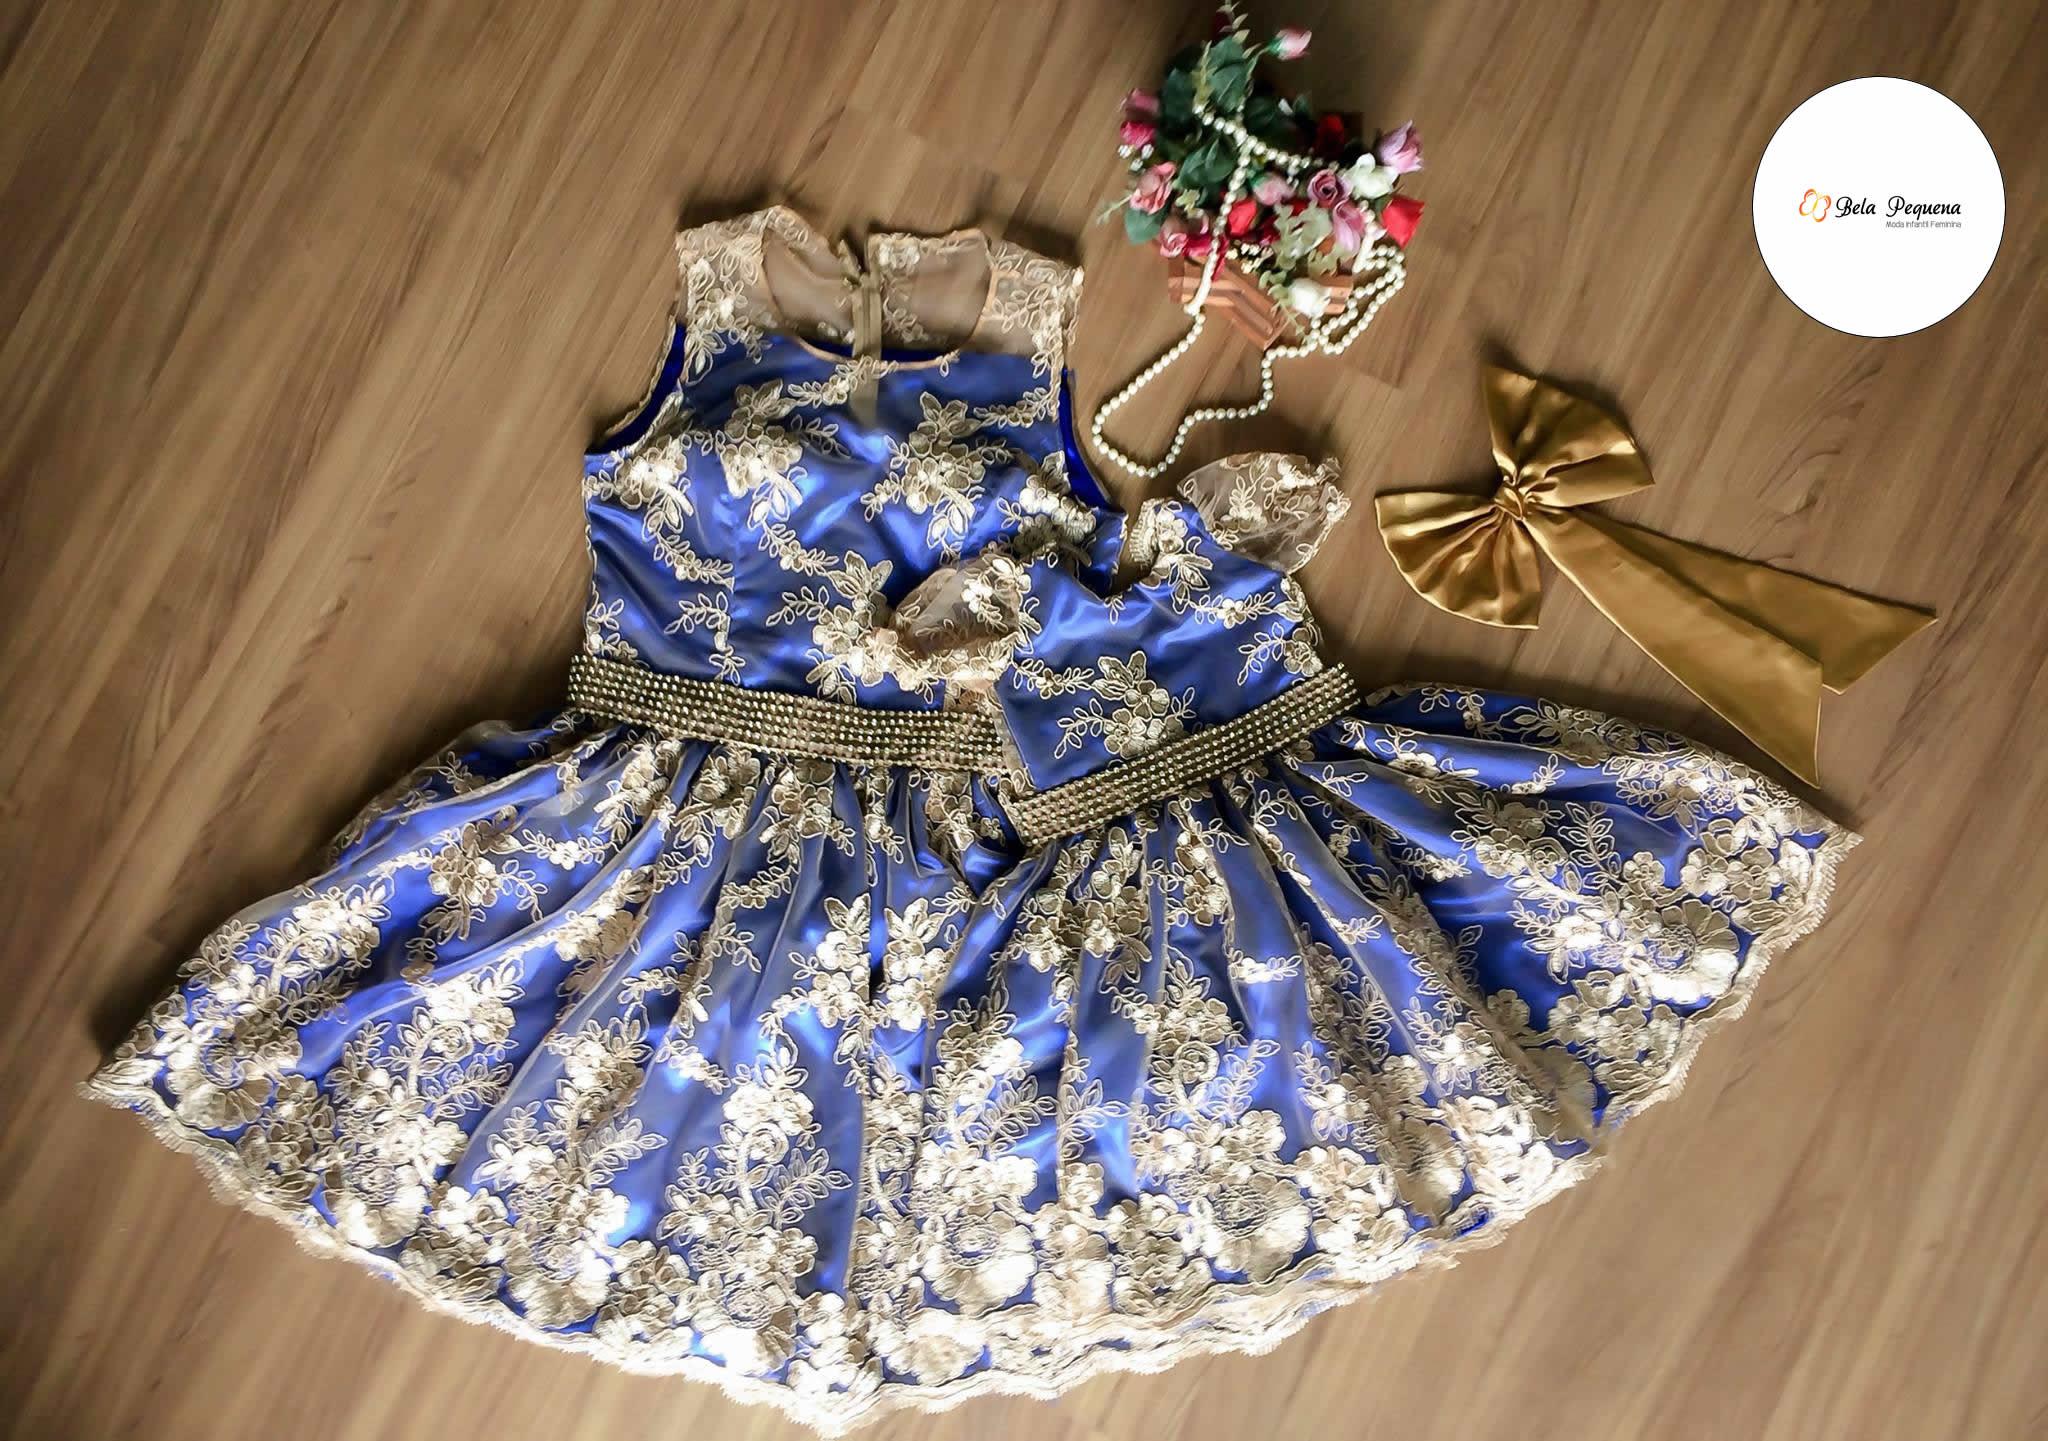 Vestido azul e dourado original